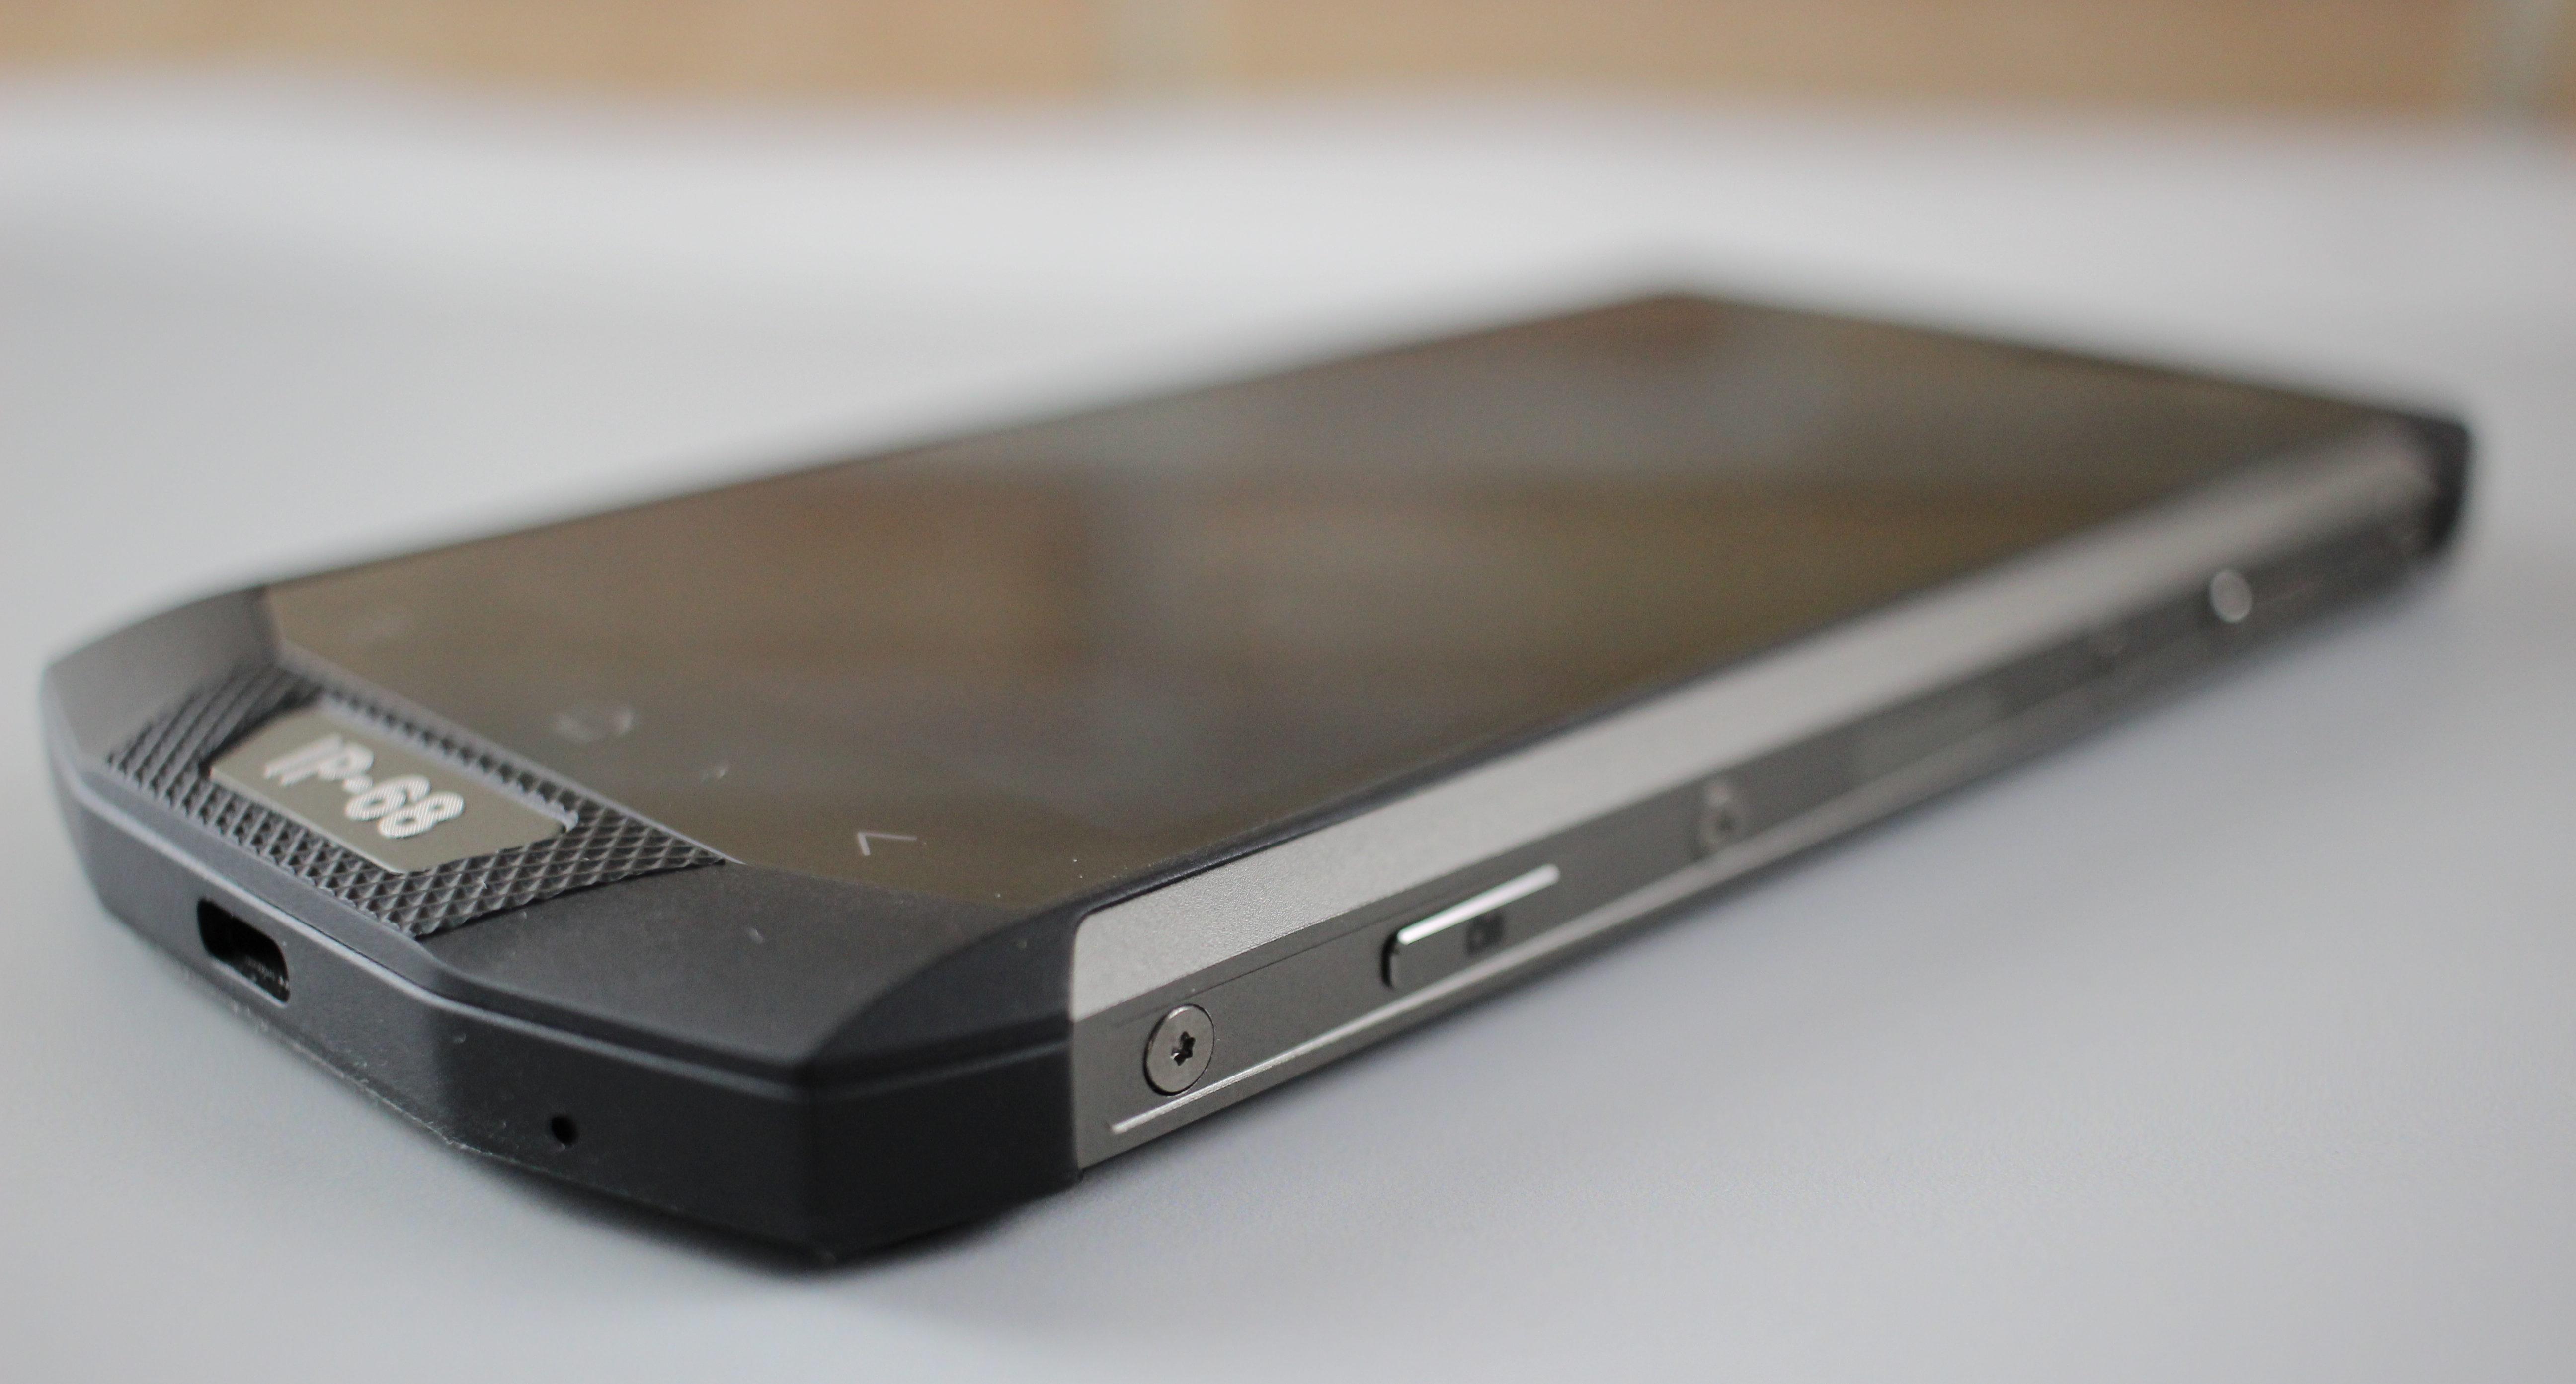 Blackview bv8000 pro wasserdichtes outdoor smartphone im test